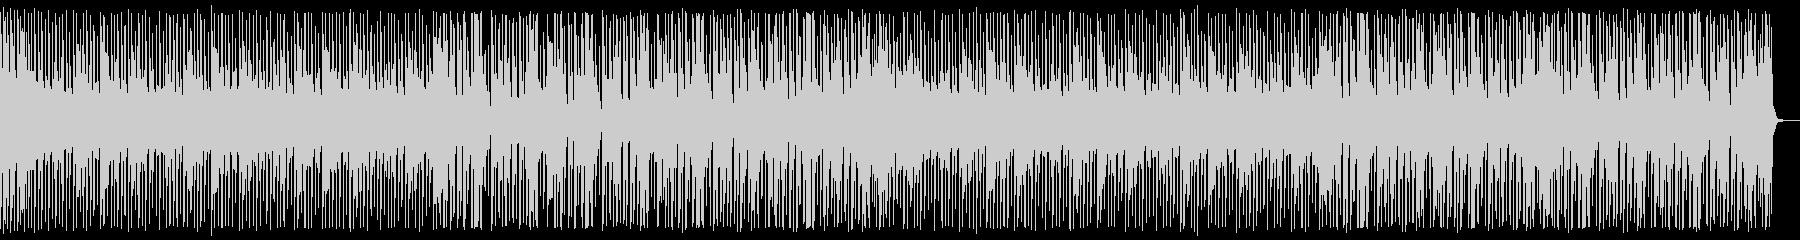 サイバーなディープハウス_No679_1の未再生の波形